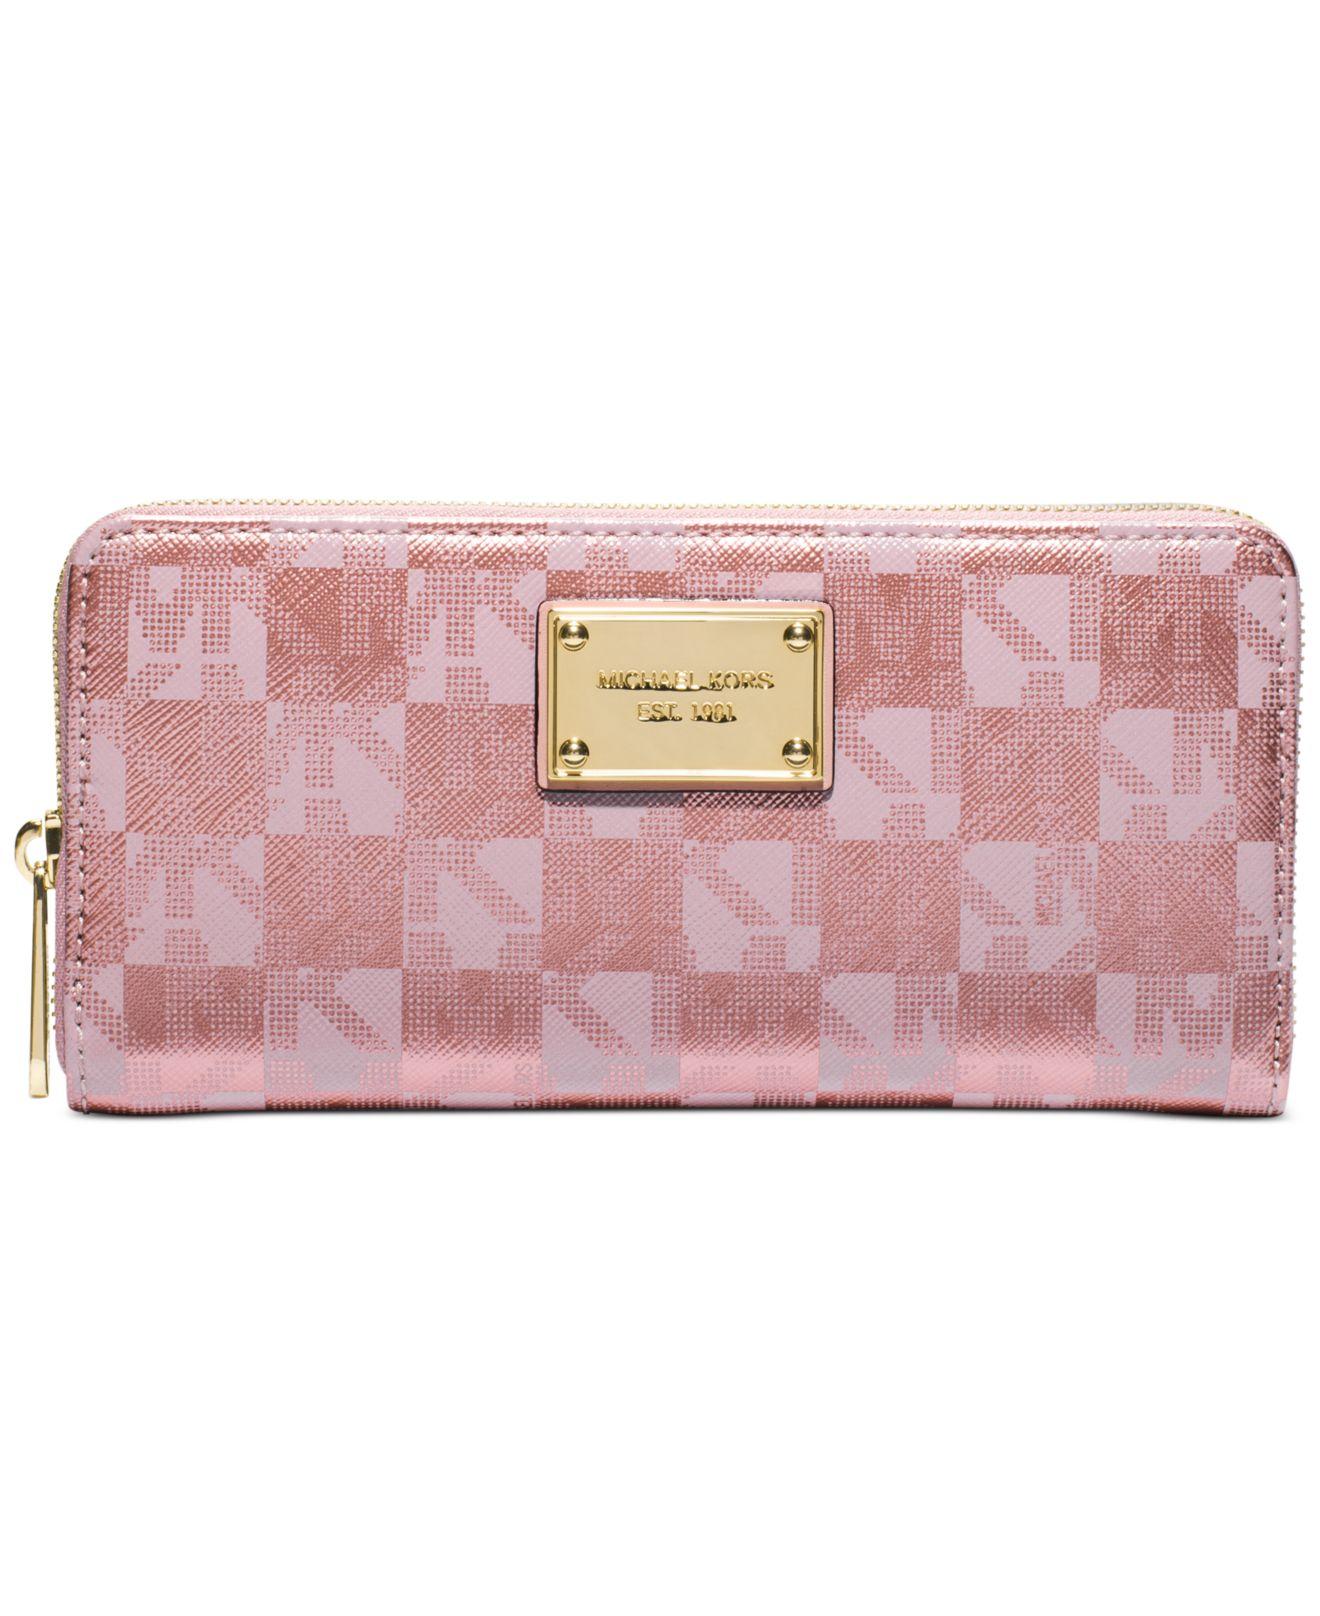 b103abf8eaa2 michael kors handbags wallets rose gold large hamilton traveler tote ...